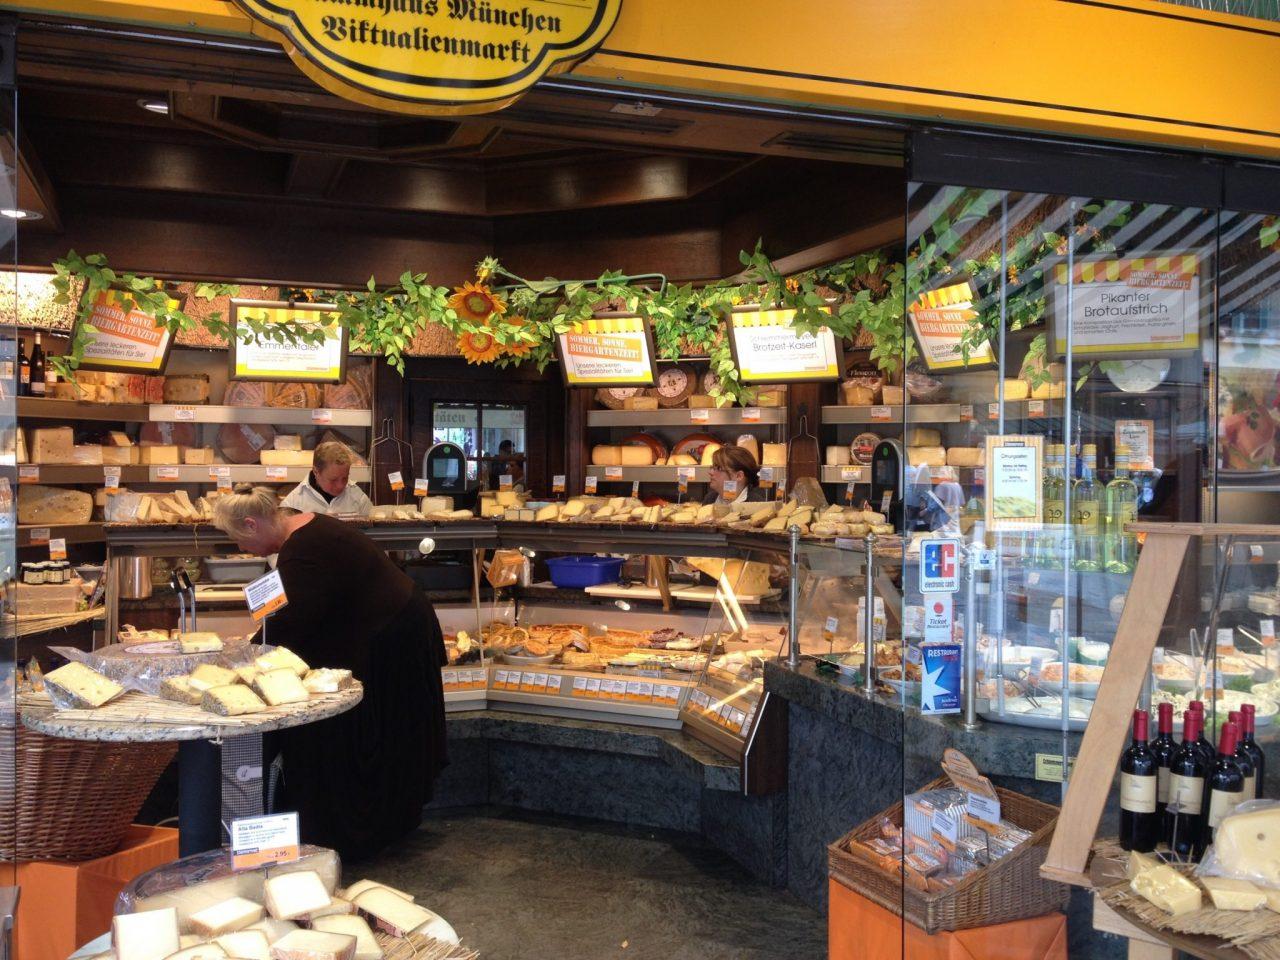 Munich cheese stand, Viktualienmarkt